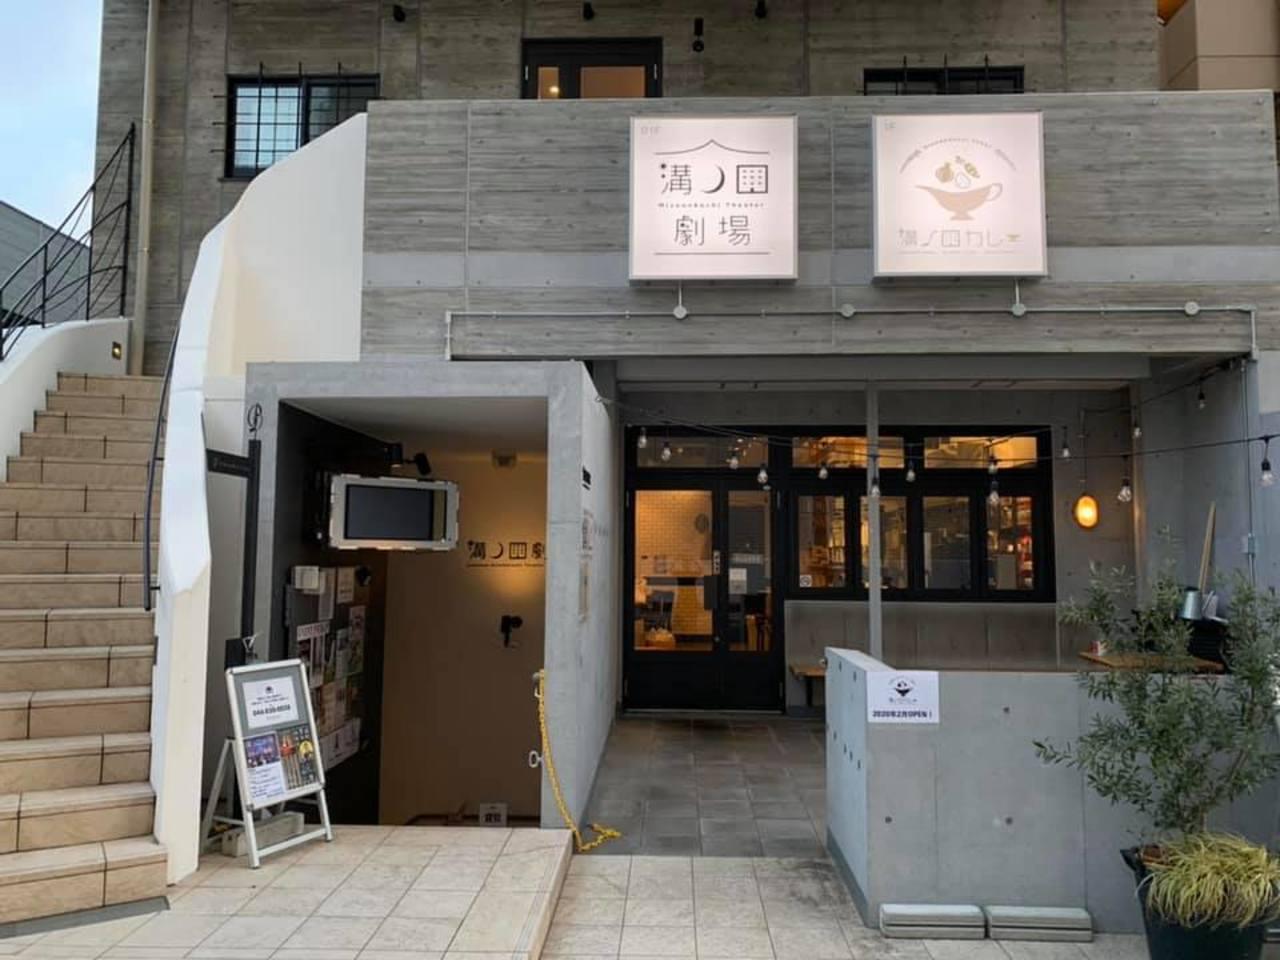 神奈川県川崎市高津区の溝ノ口劇場1Fに「溝ノ口カレー」が昨日よりプレオープンされているようです。